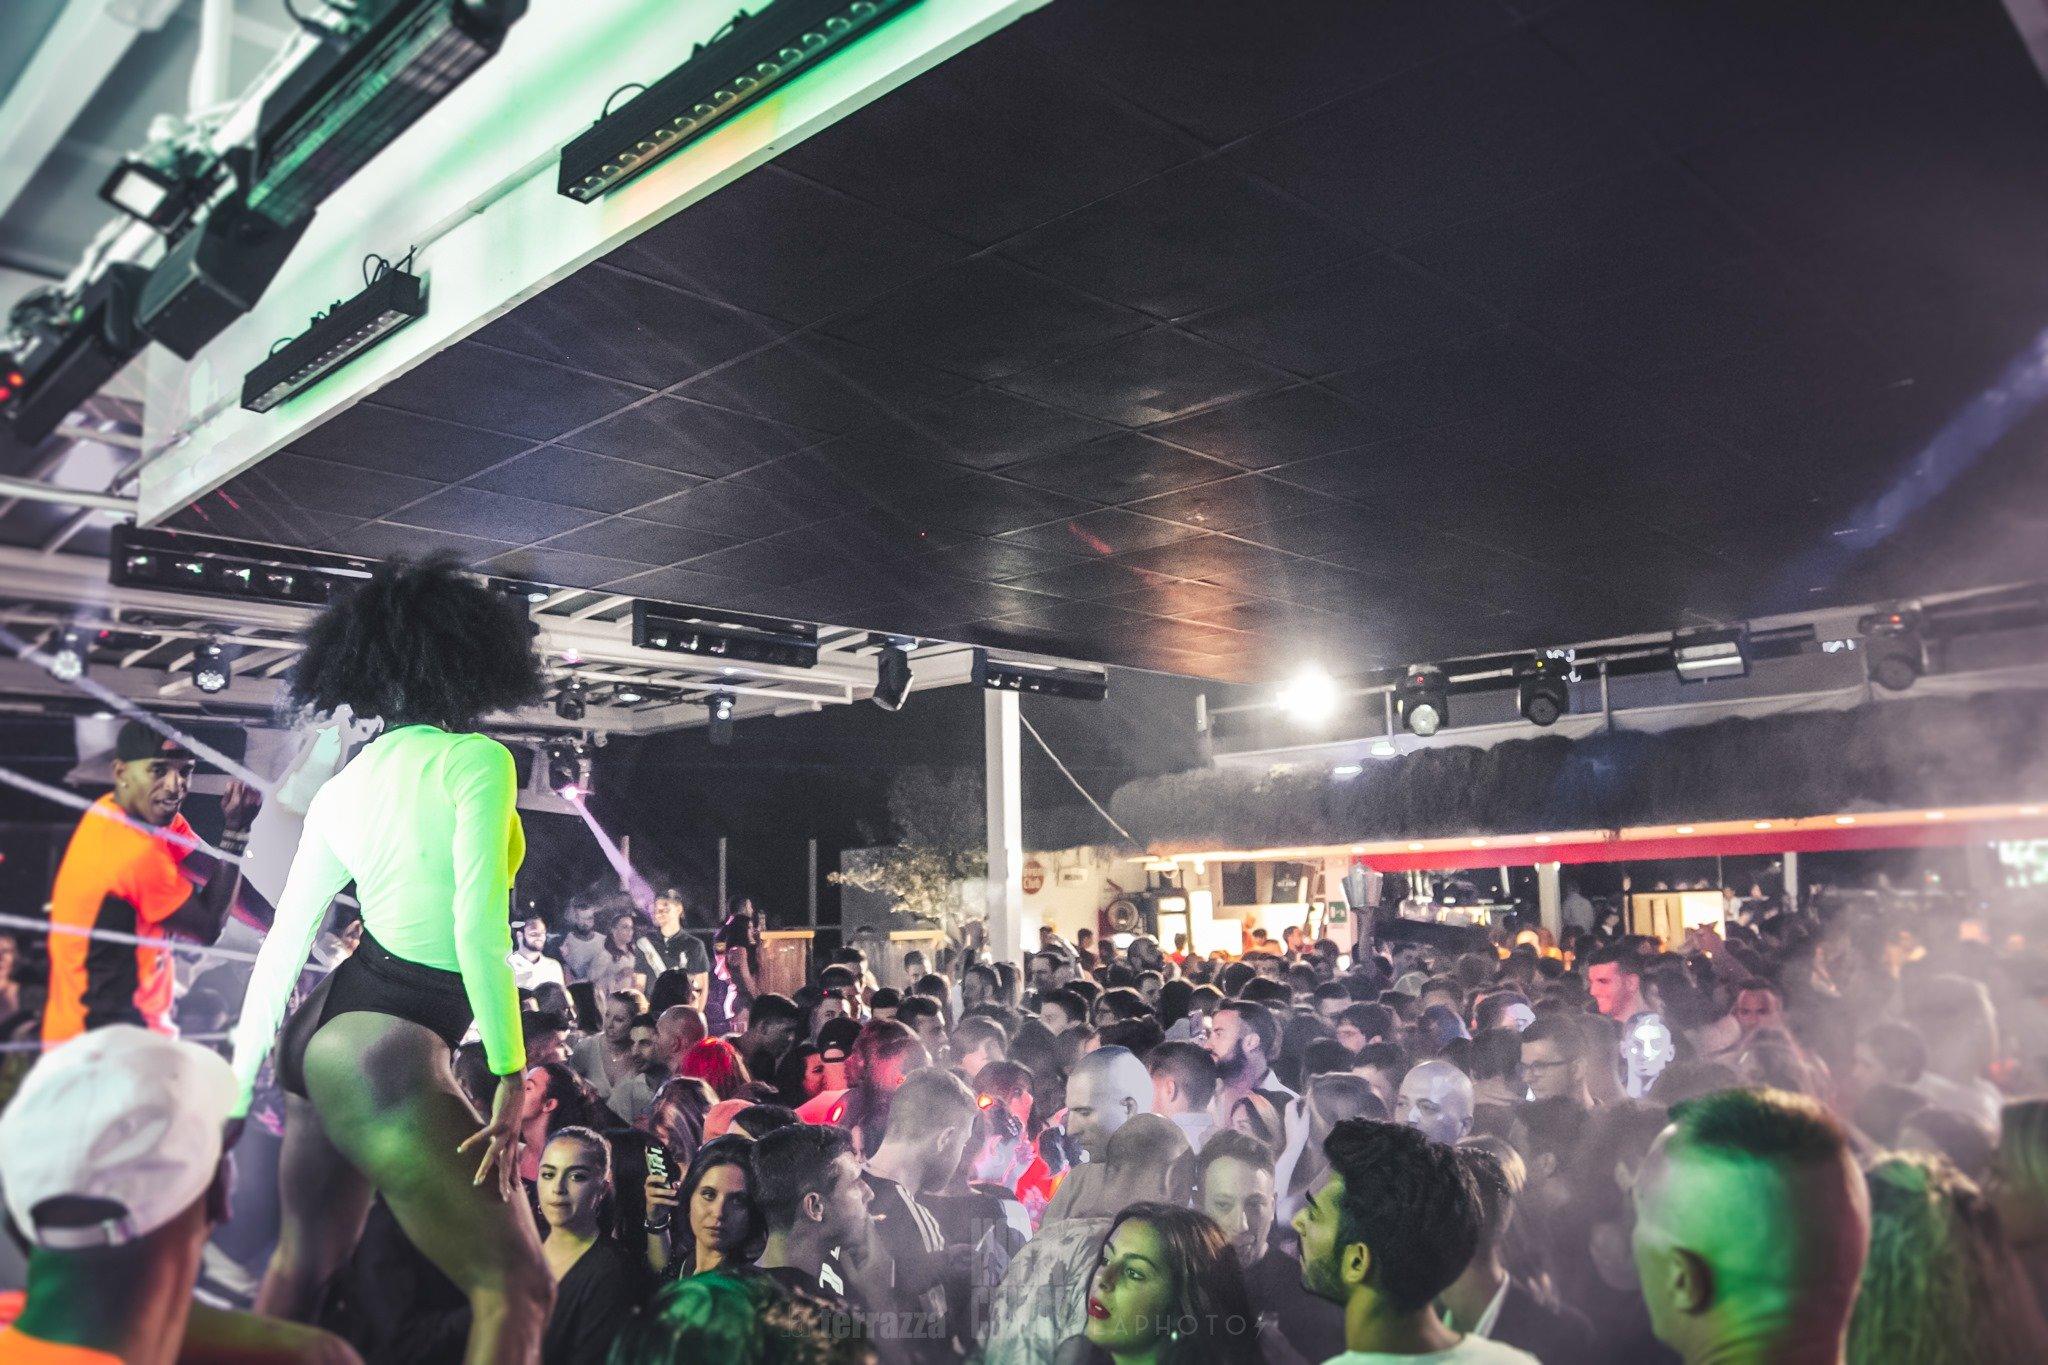 La strabiliante serata house della discoteca La Terrazza di San Benedetto Del Tronto